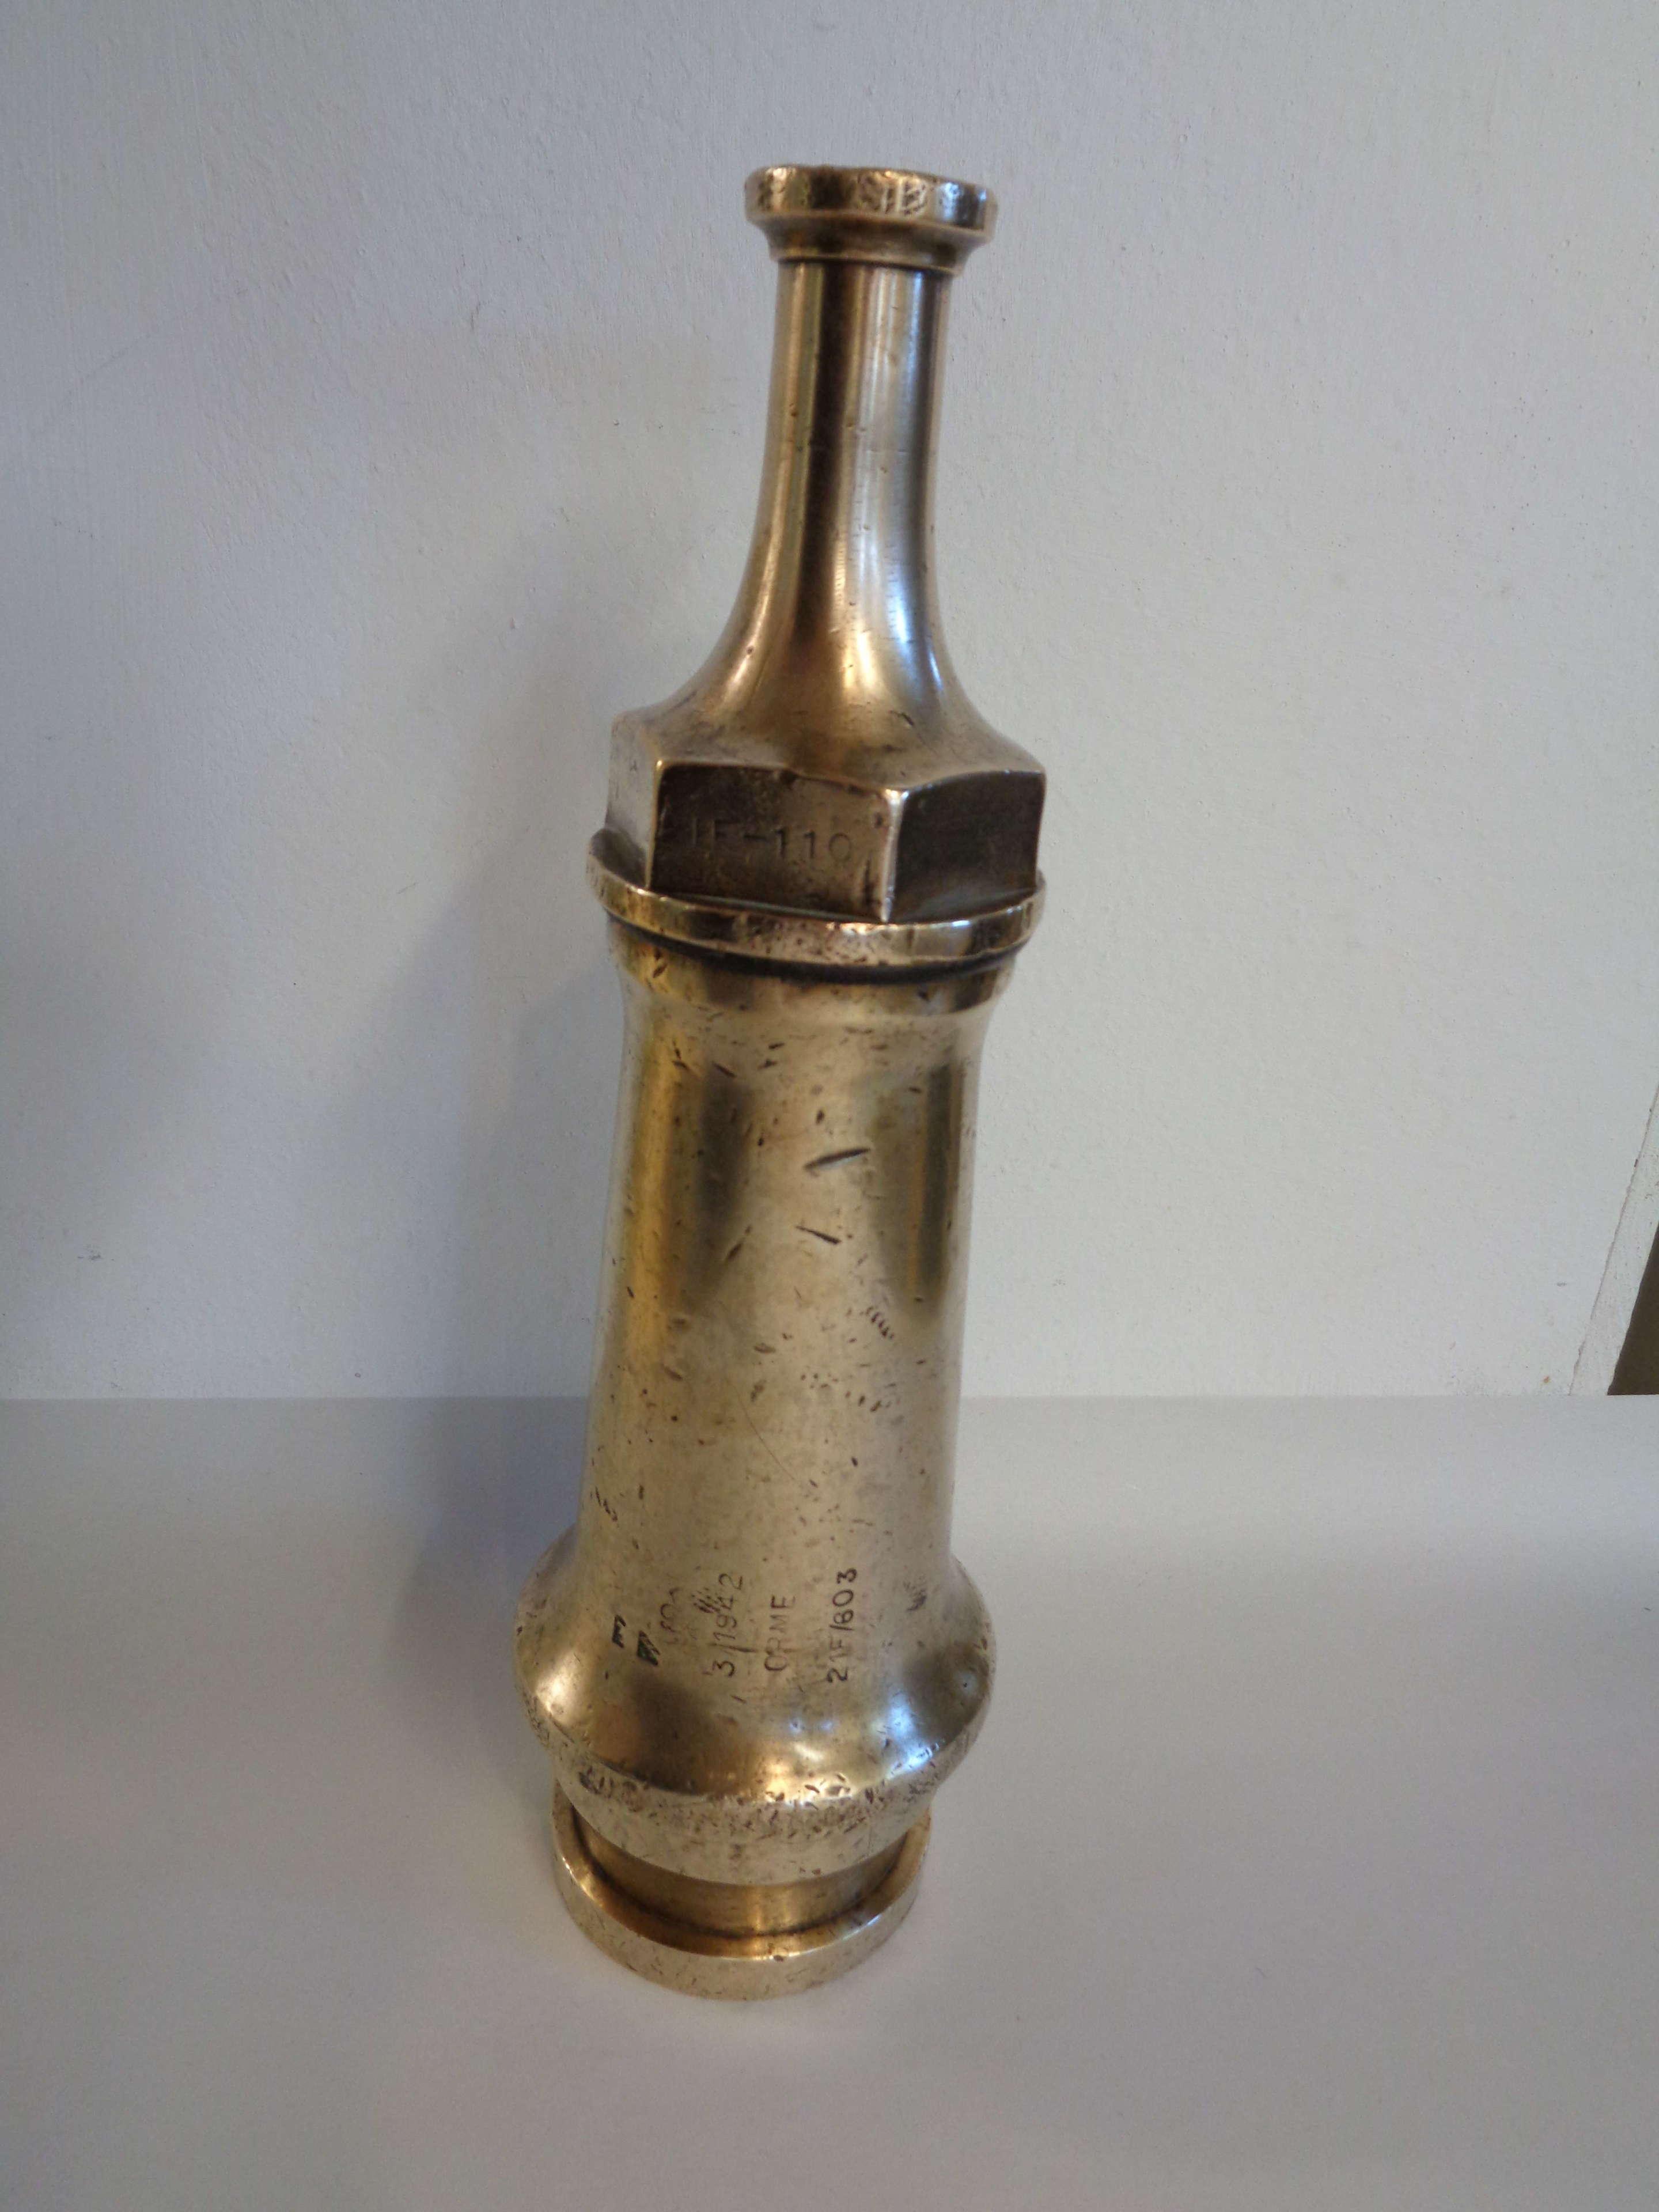 Vintage Brass Fire Hose Nozzle